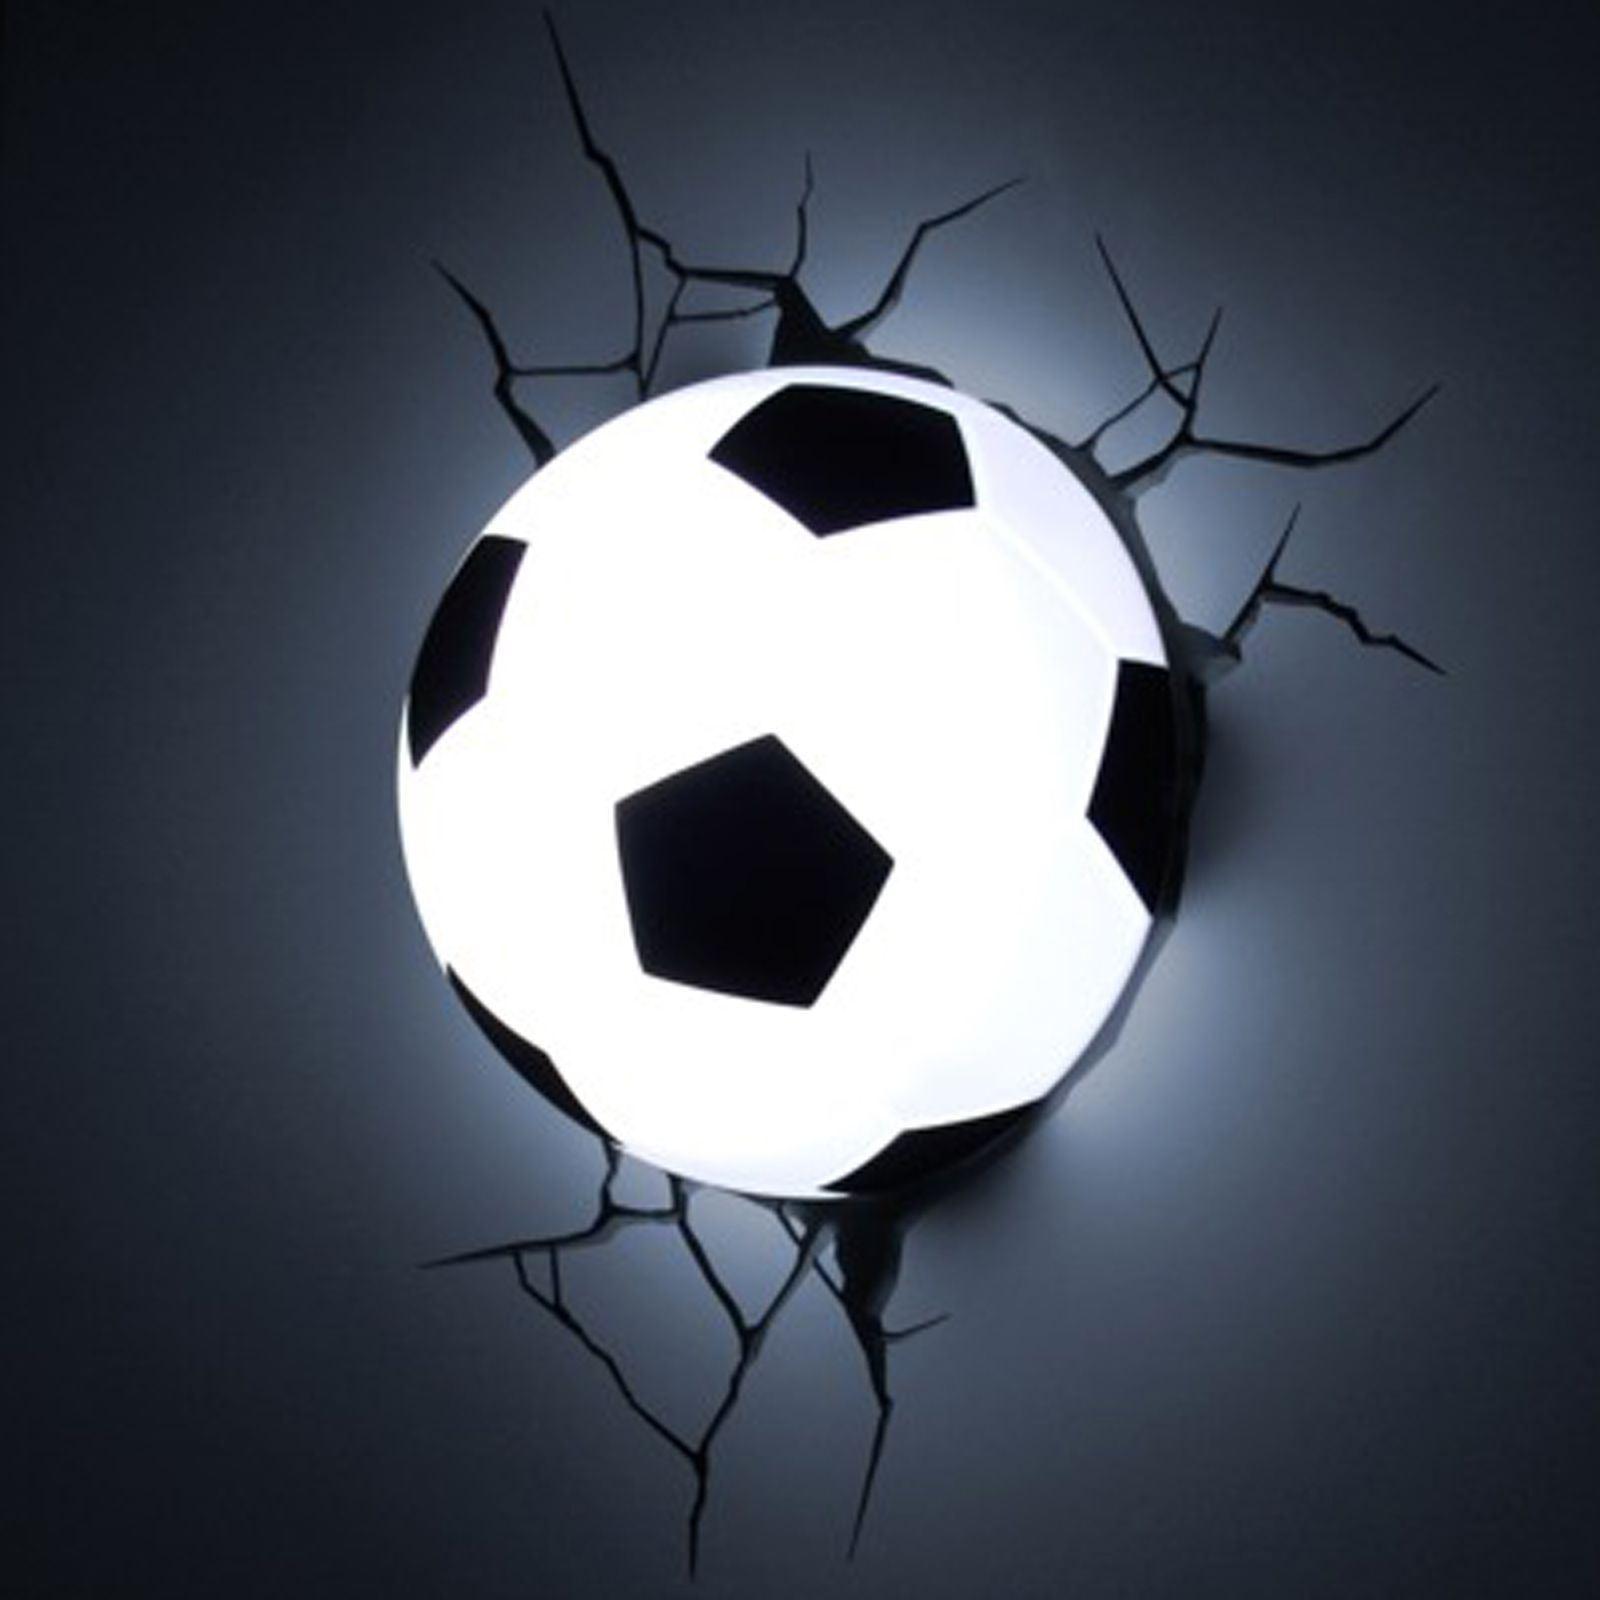 lampe murale ballon de football pour tous les amateurs de foot. Black Bedroom Furniture Sets. Home Design Ideas